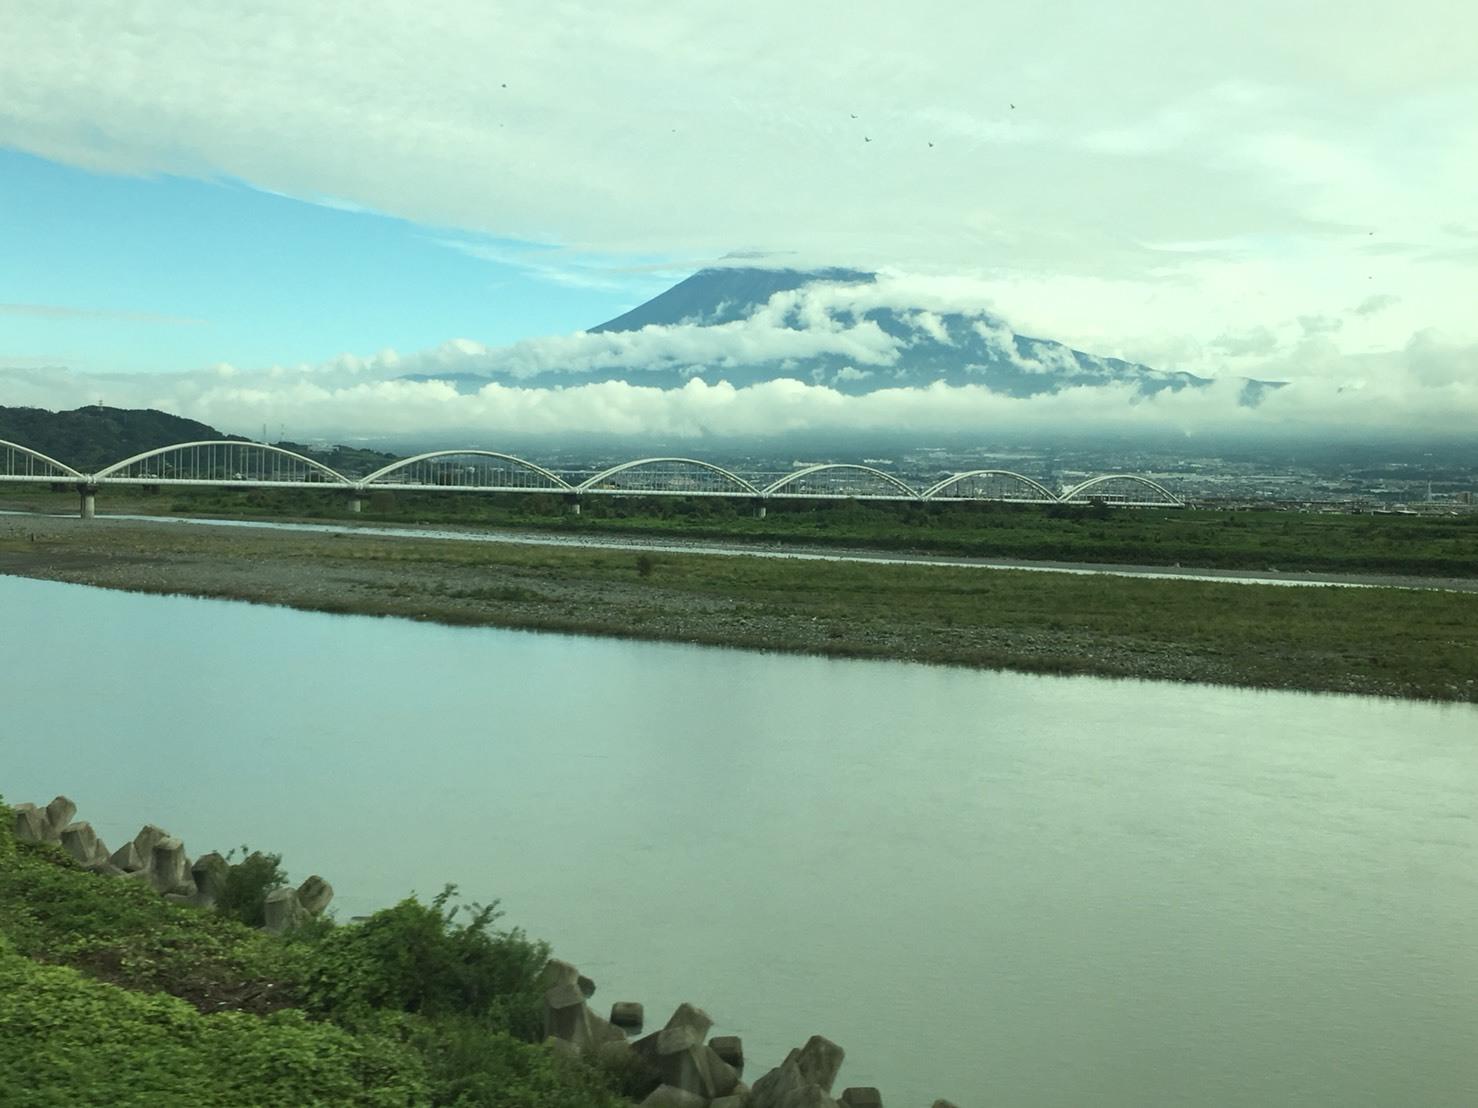 富士山ビューシリーズ  2018/9/26   今朝の新幹線からの富士山_b0011584_12220184.jpg